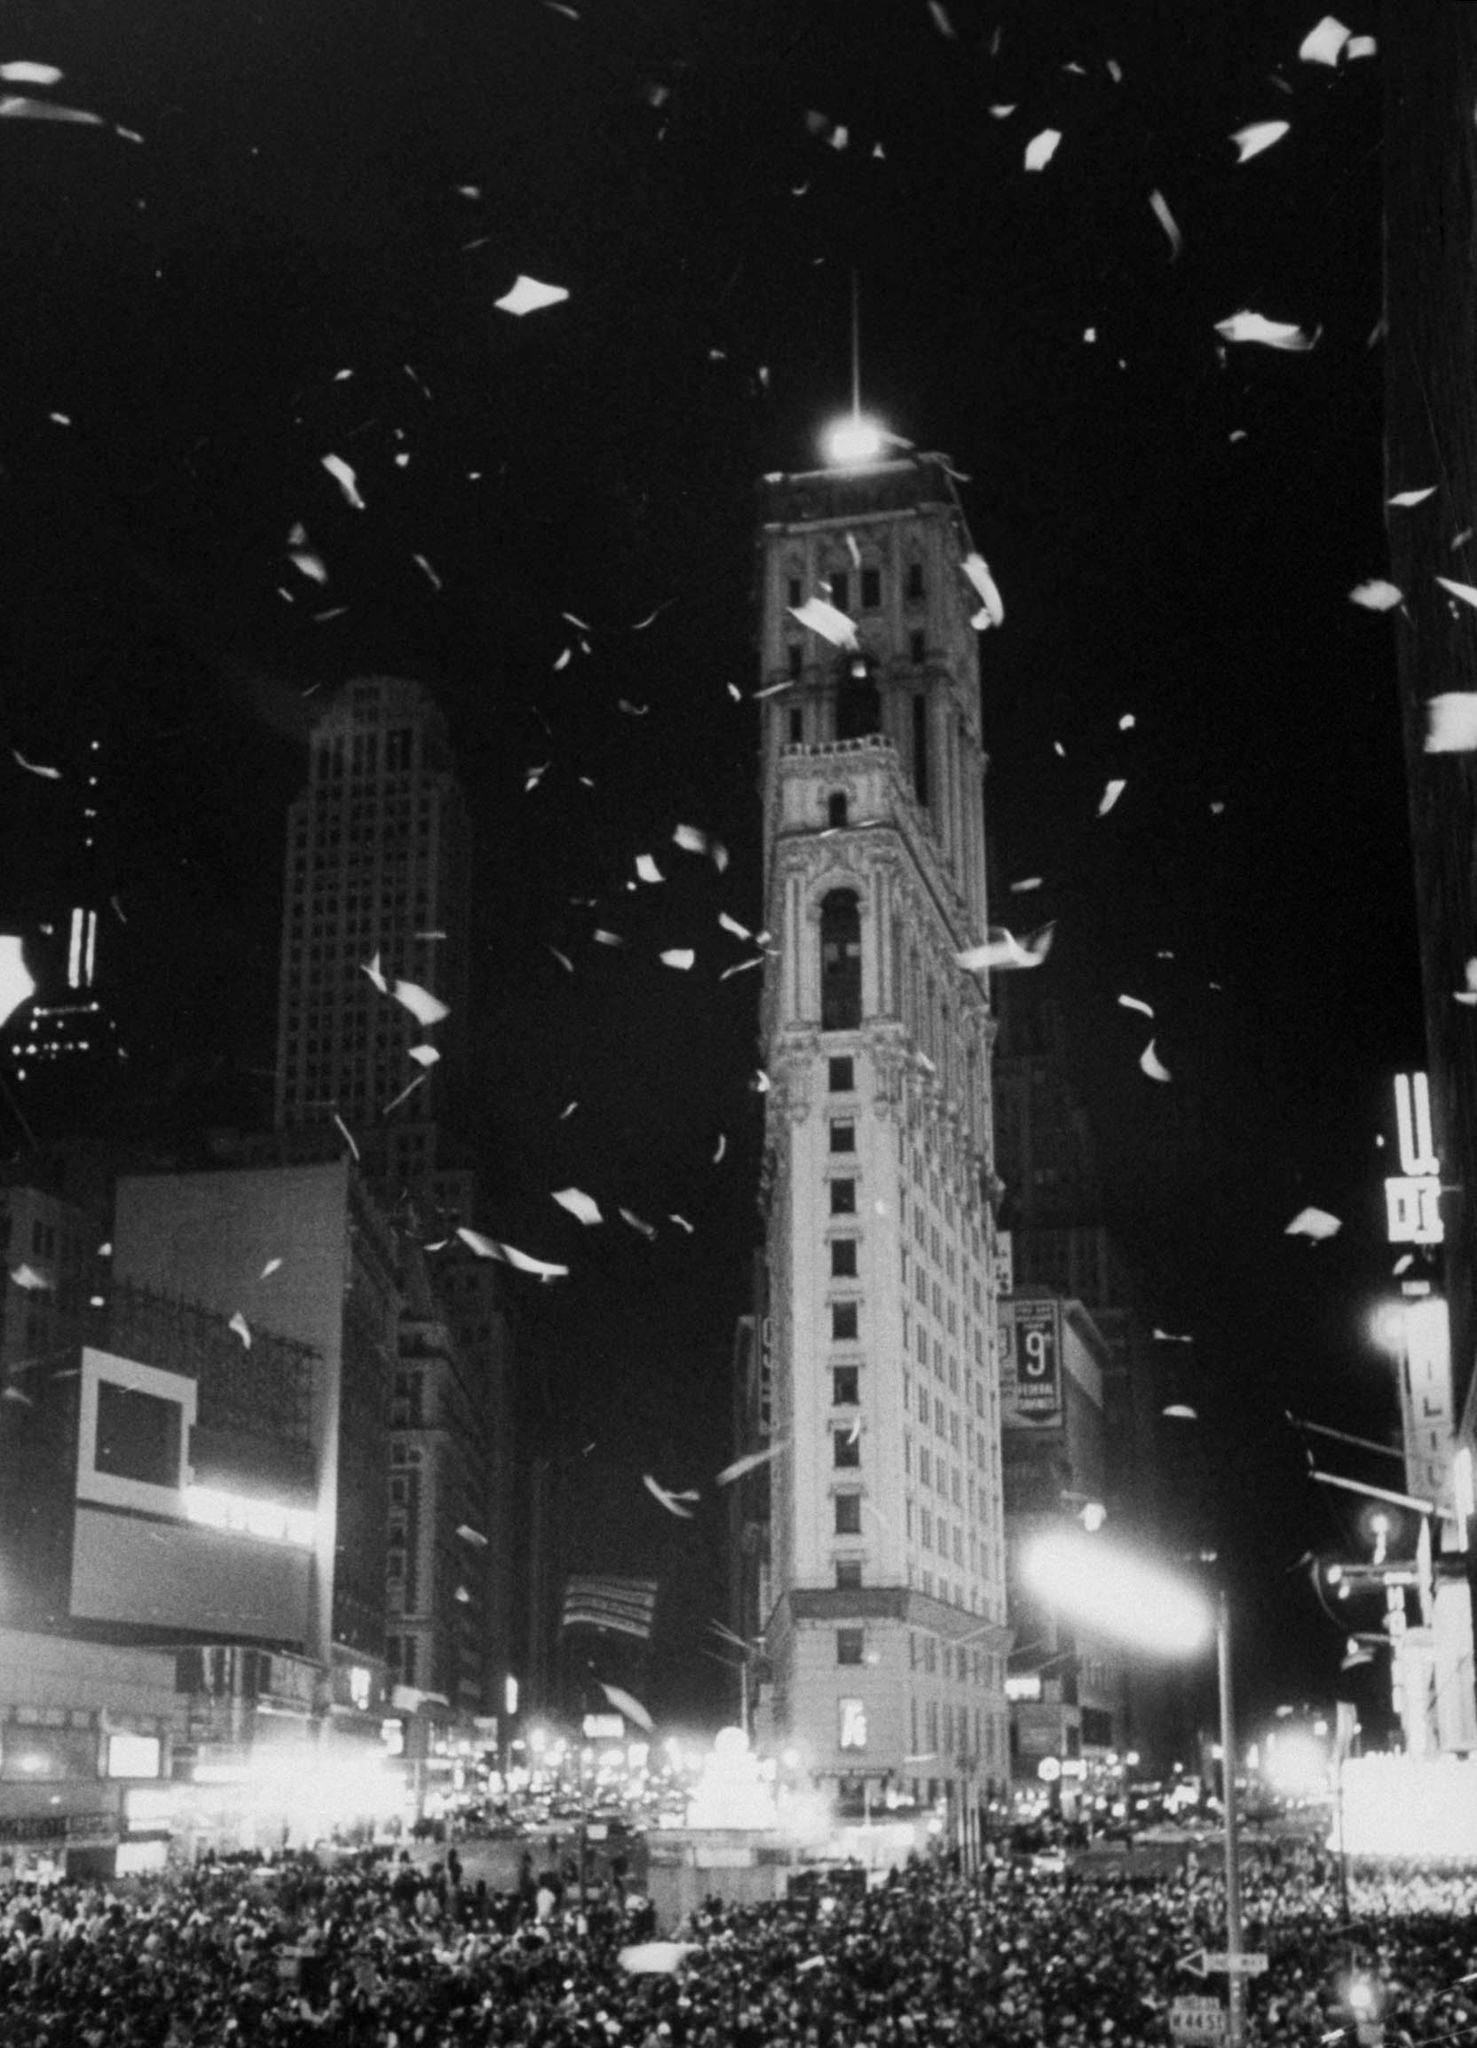 1963. Толпы людей собираются на Тайм-сквер, чтобы отпраздновать Новый год.jpg